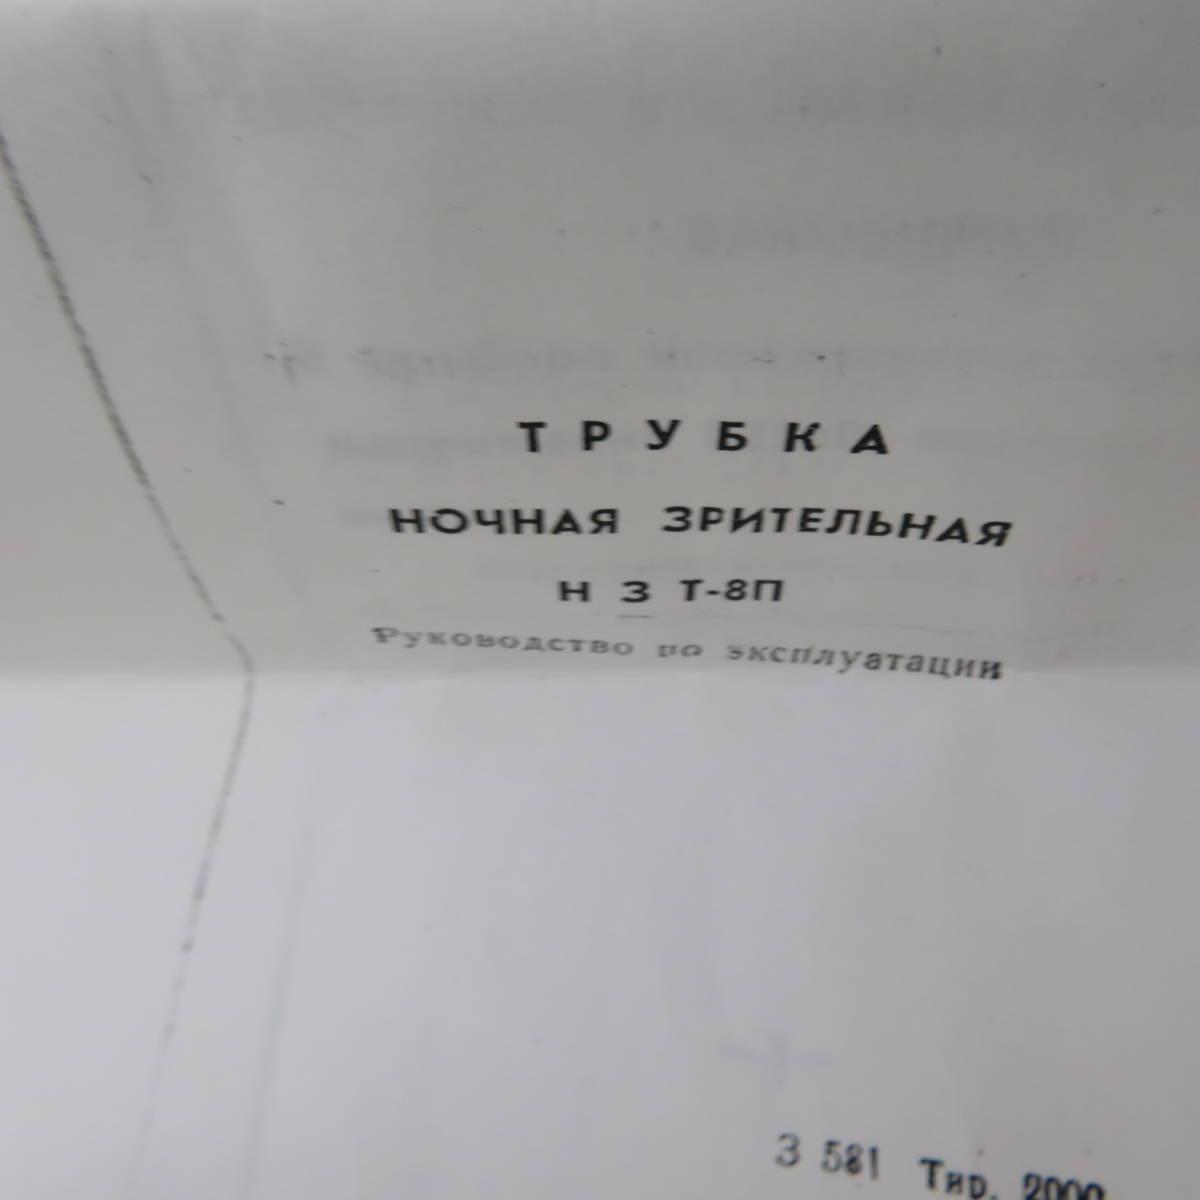 【ケース付き】H3 T-8N made in russia ロシア製 ナイトスコープ サバゲー (30-1156) _画像10